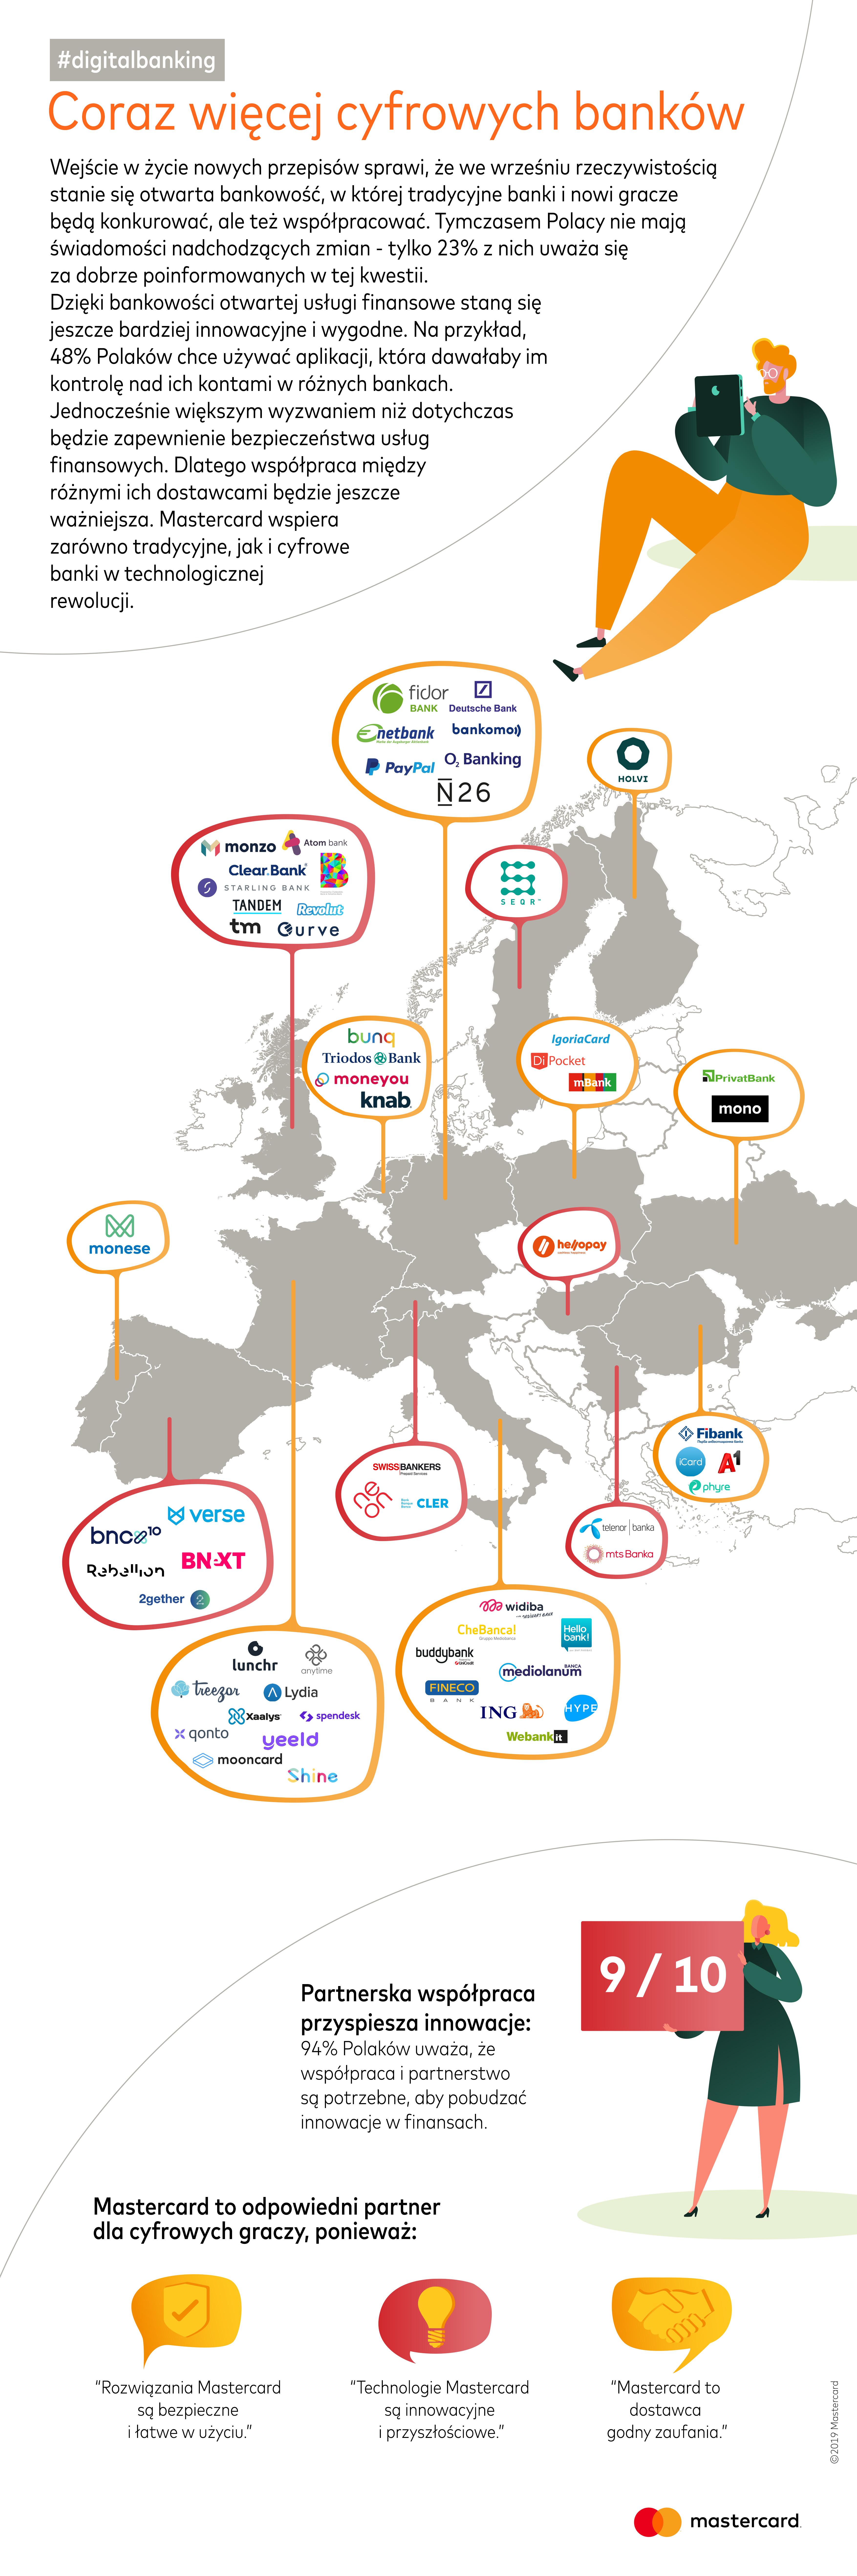 d8b2dae92 Badanie Mastercard: Polacy cenią sobie bankowość mobilną i online za ...